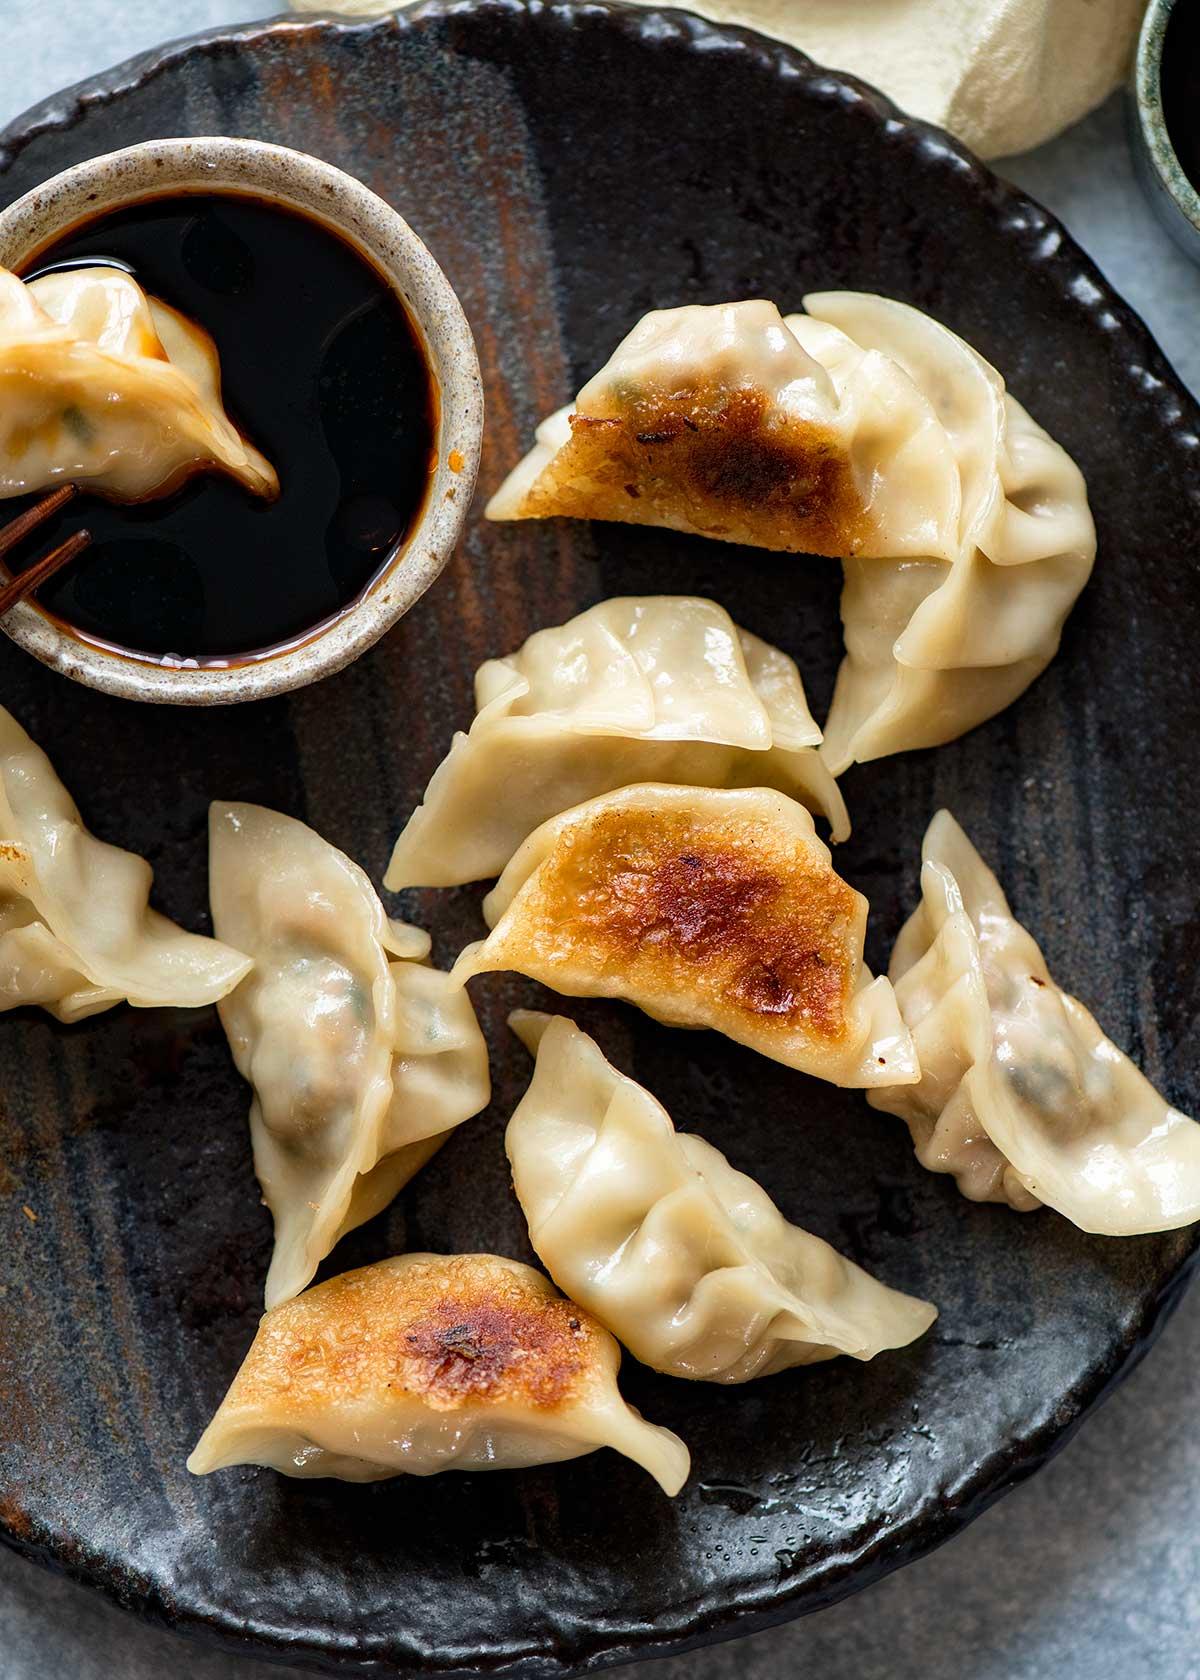 Fried dumplings photo